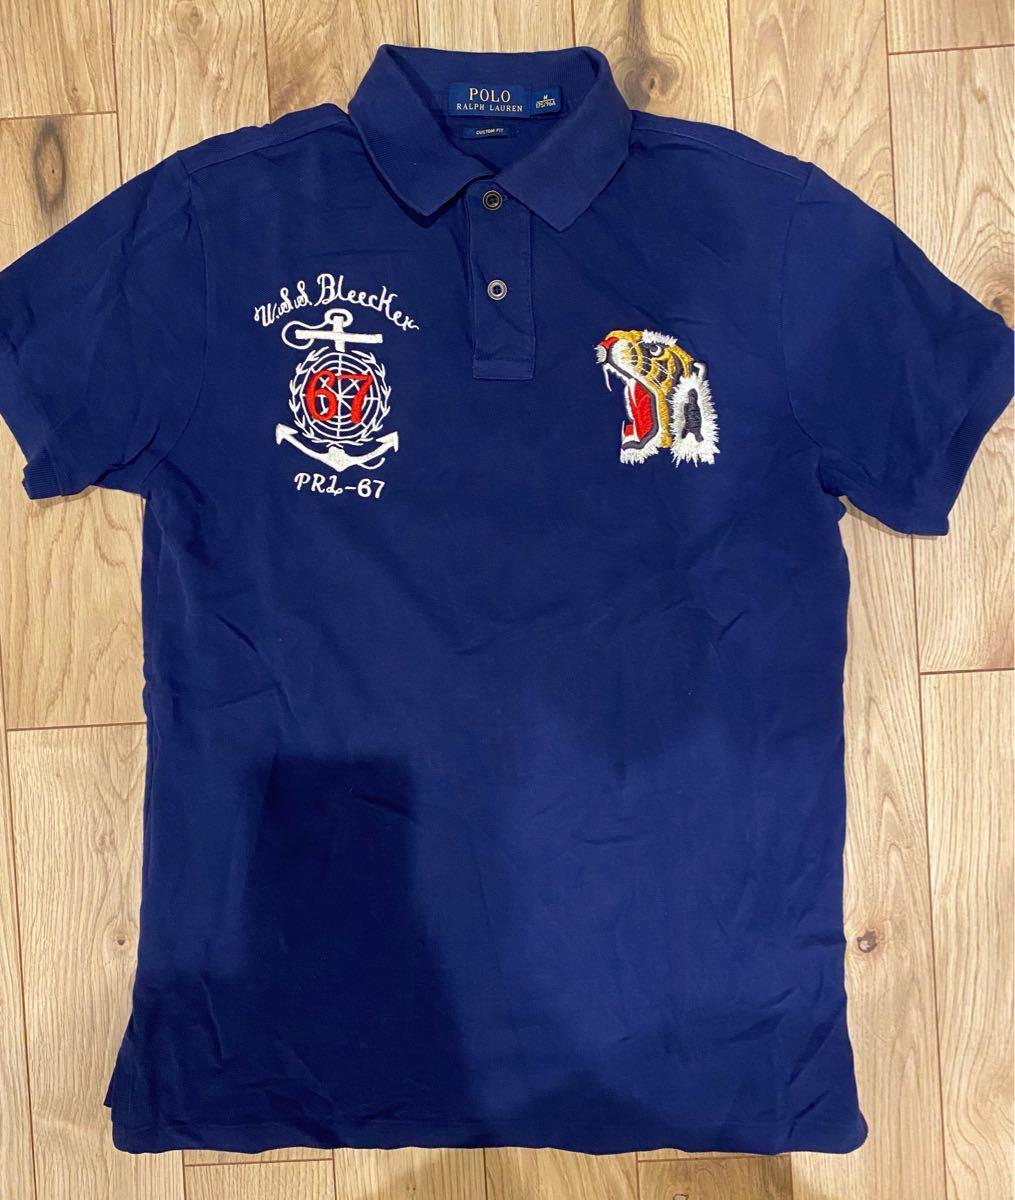 ポロラルフローレン ポロシャツ Polo Ralph Lauren